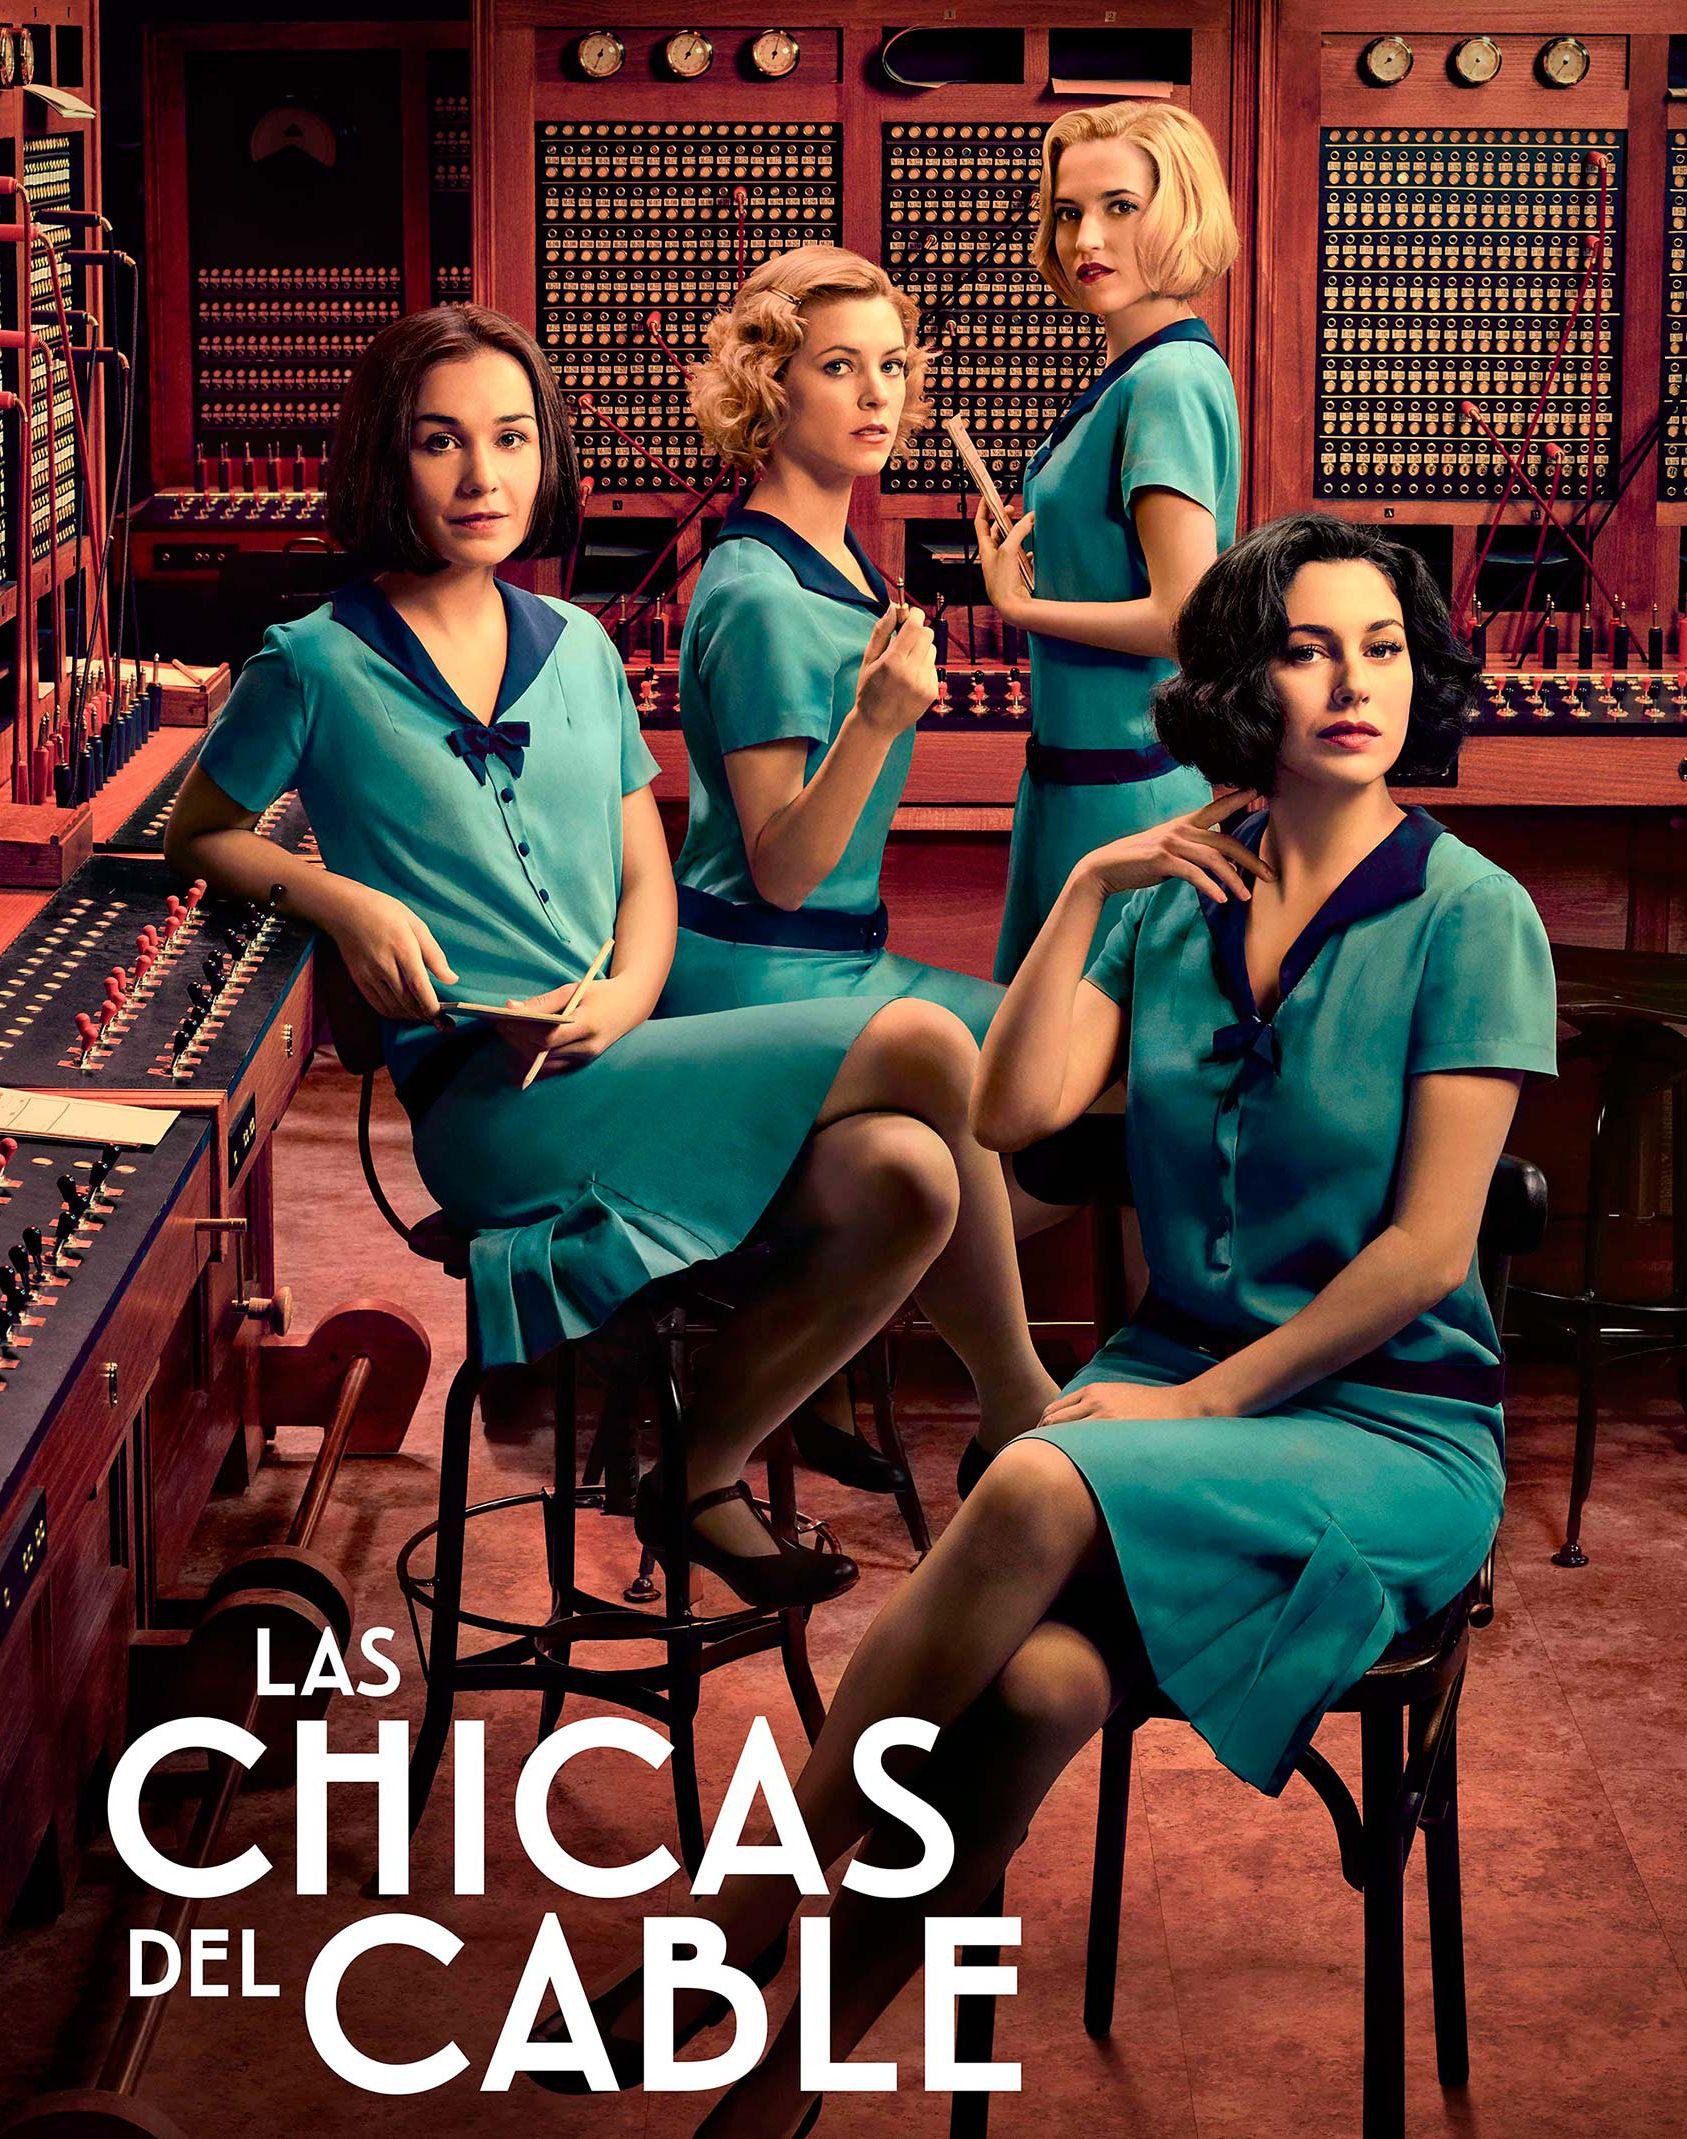 Las Chicas Del Cable Nueva Serie Española Las Chicas Del Cable Disfraces De Series Series Español